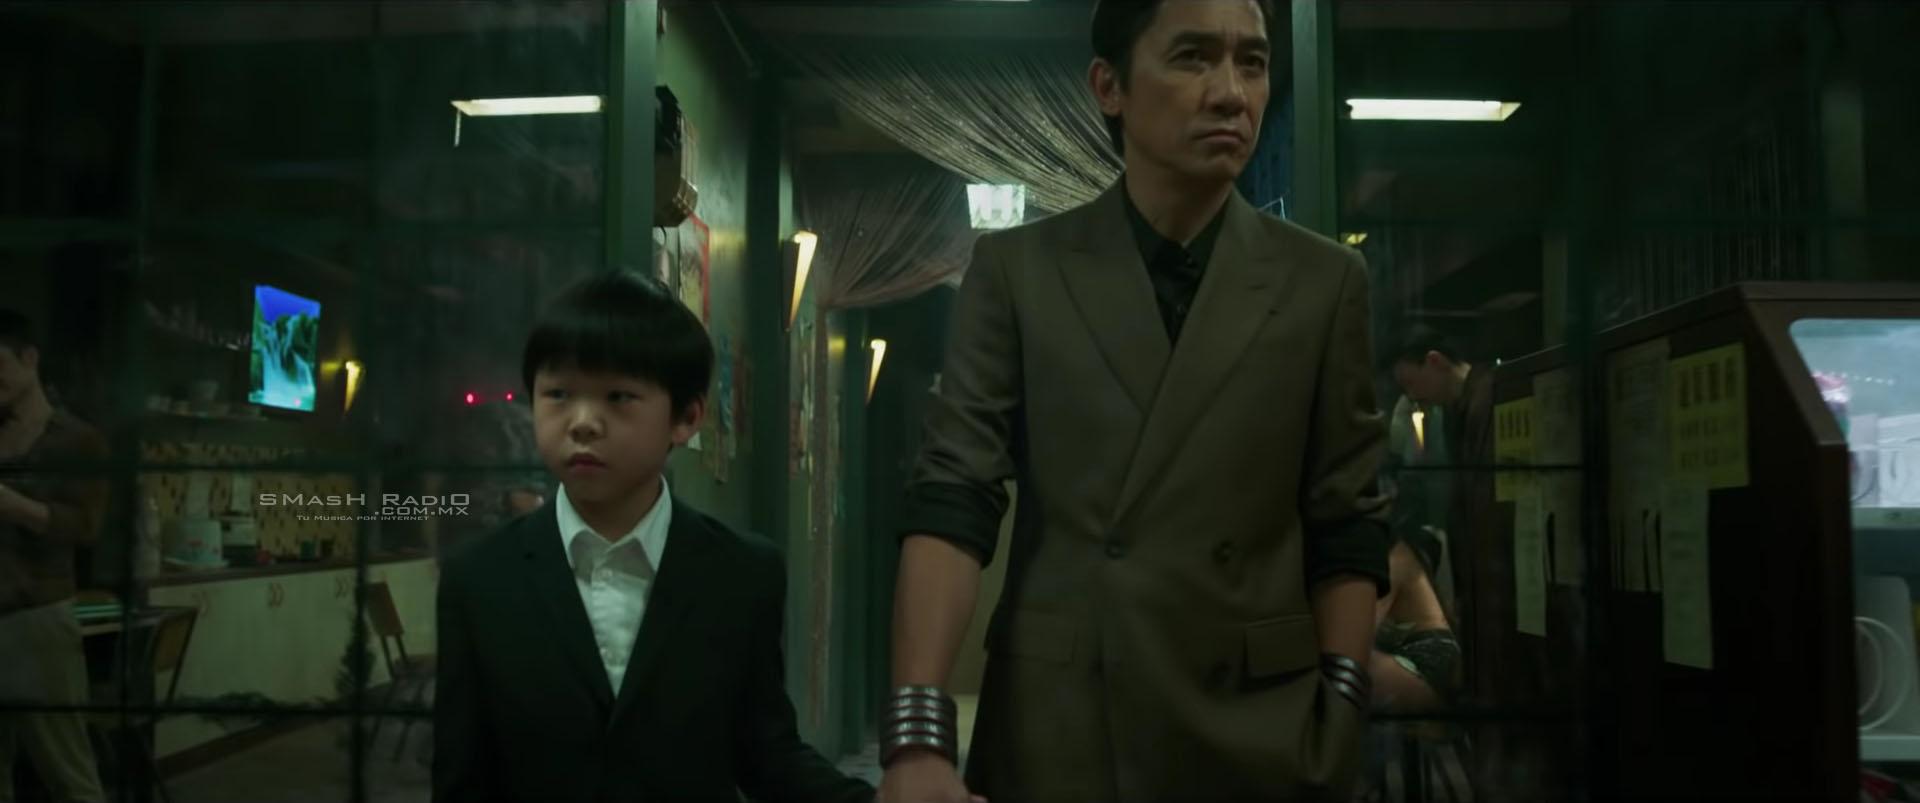 Shang-Chi y la Leyenda de los Diez Anillos Trailer imagen 2